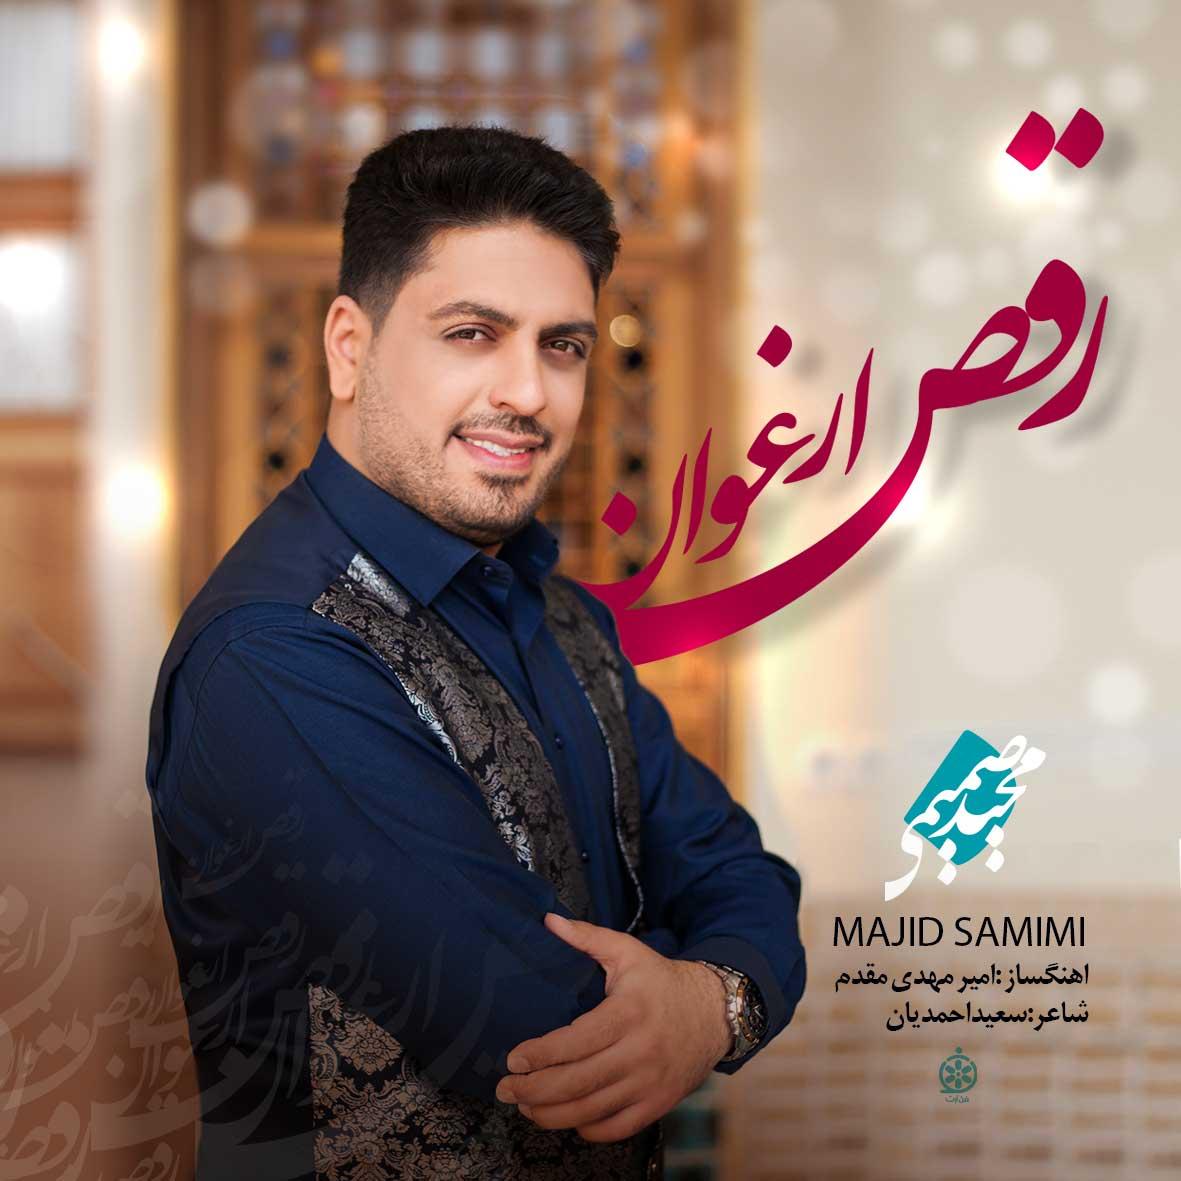 دانلود موزیک جدید رقص ارغوان از مجید صمیمی